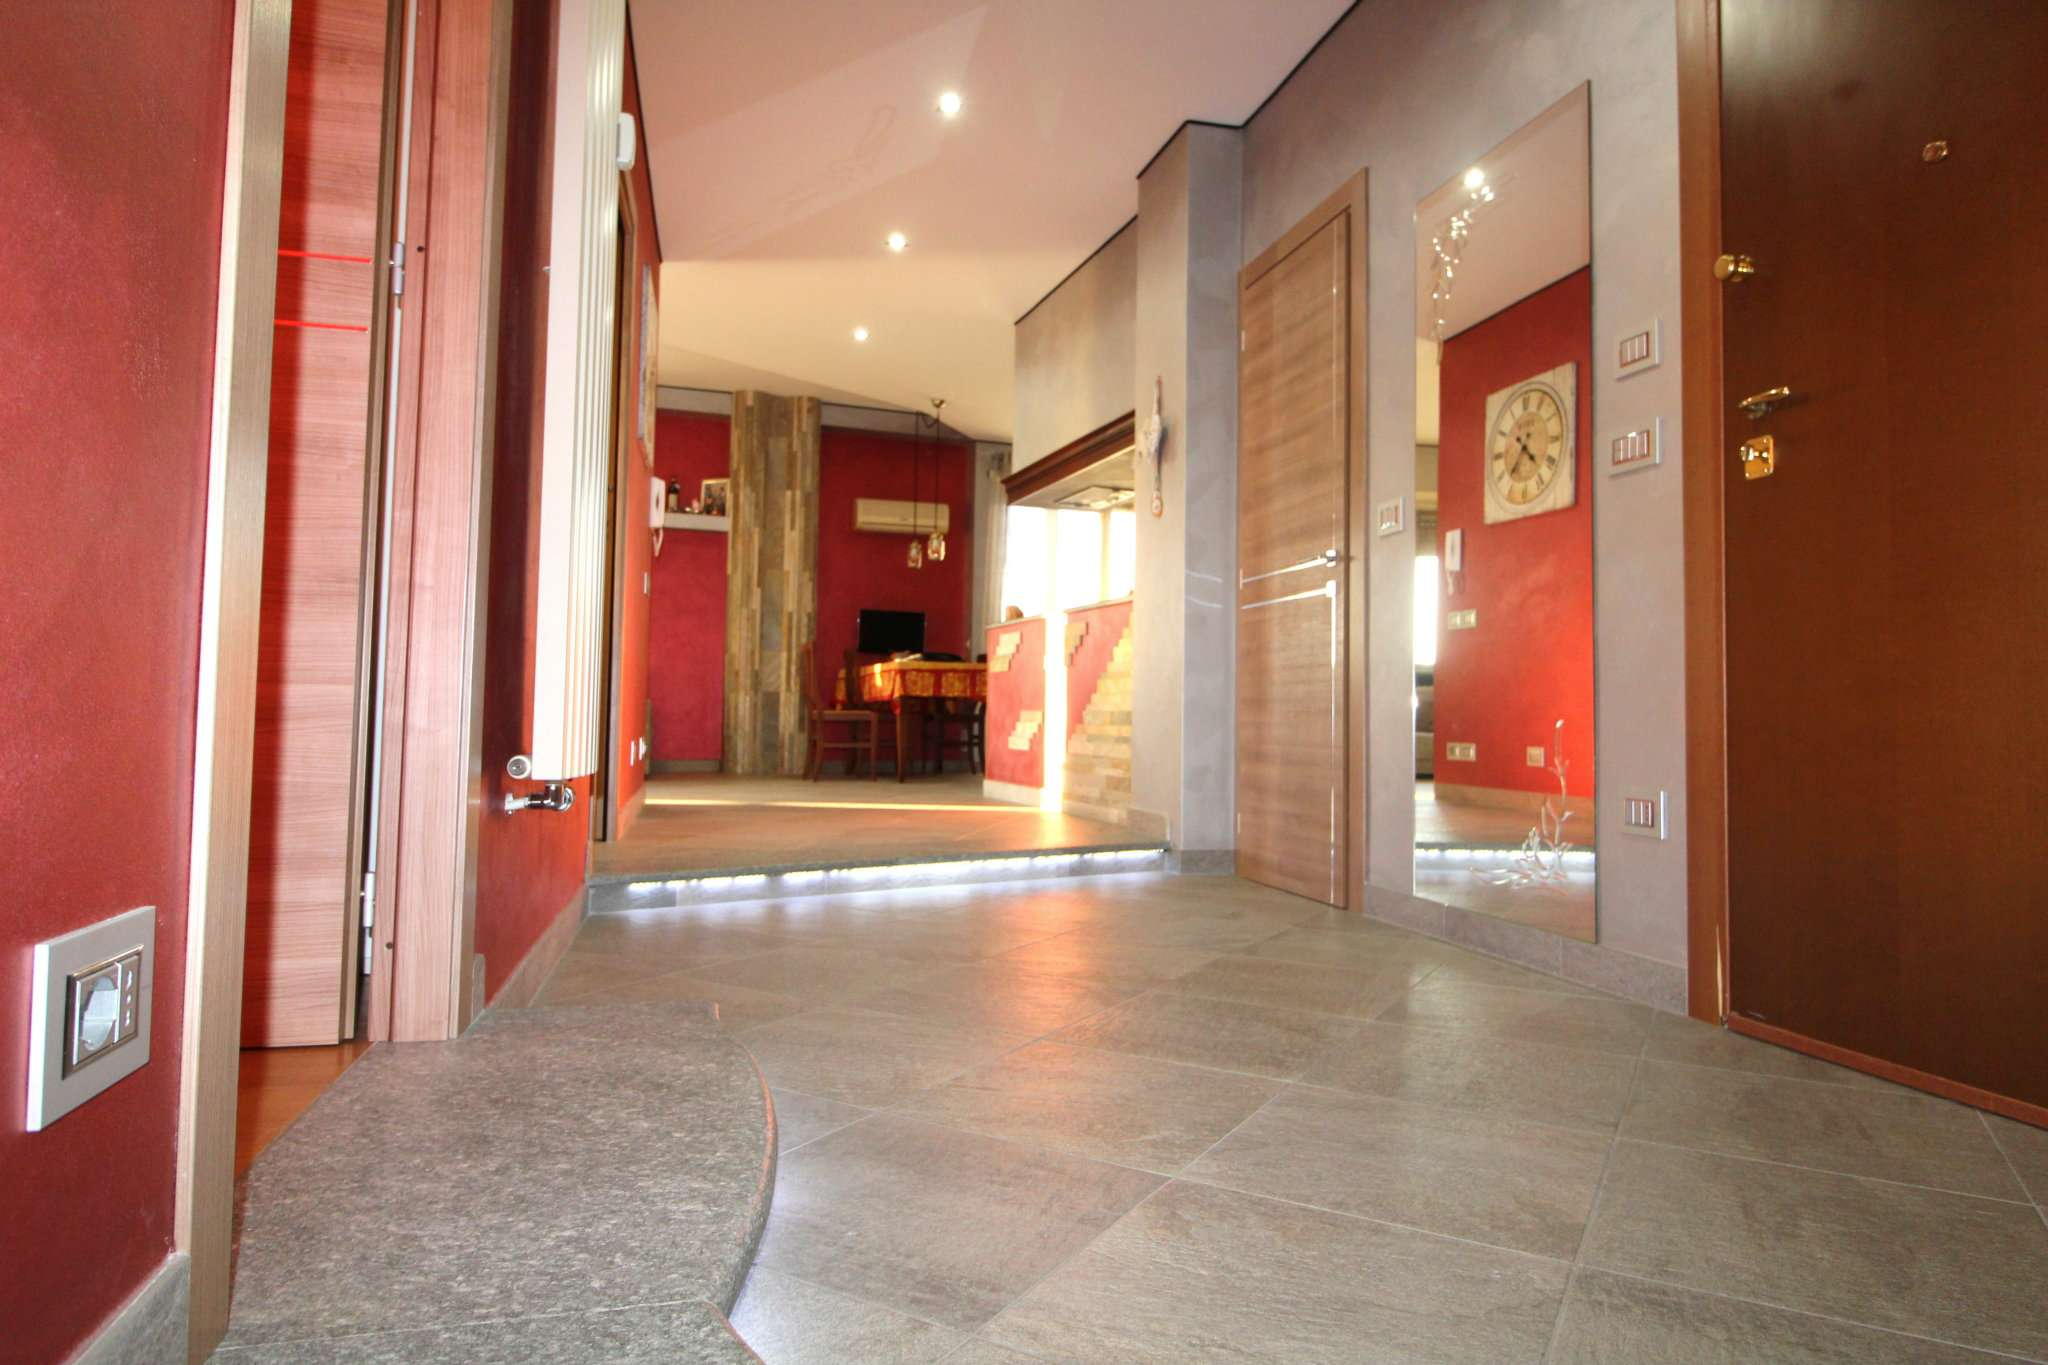 Appartamento in vendita a None, 4 locali, prezzo € 139.000 | CambioCasa.it